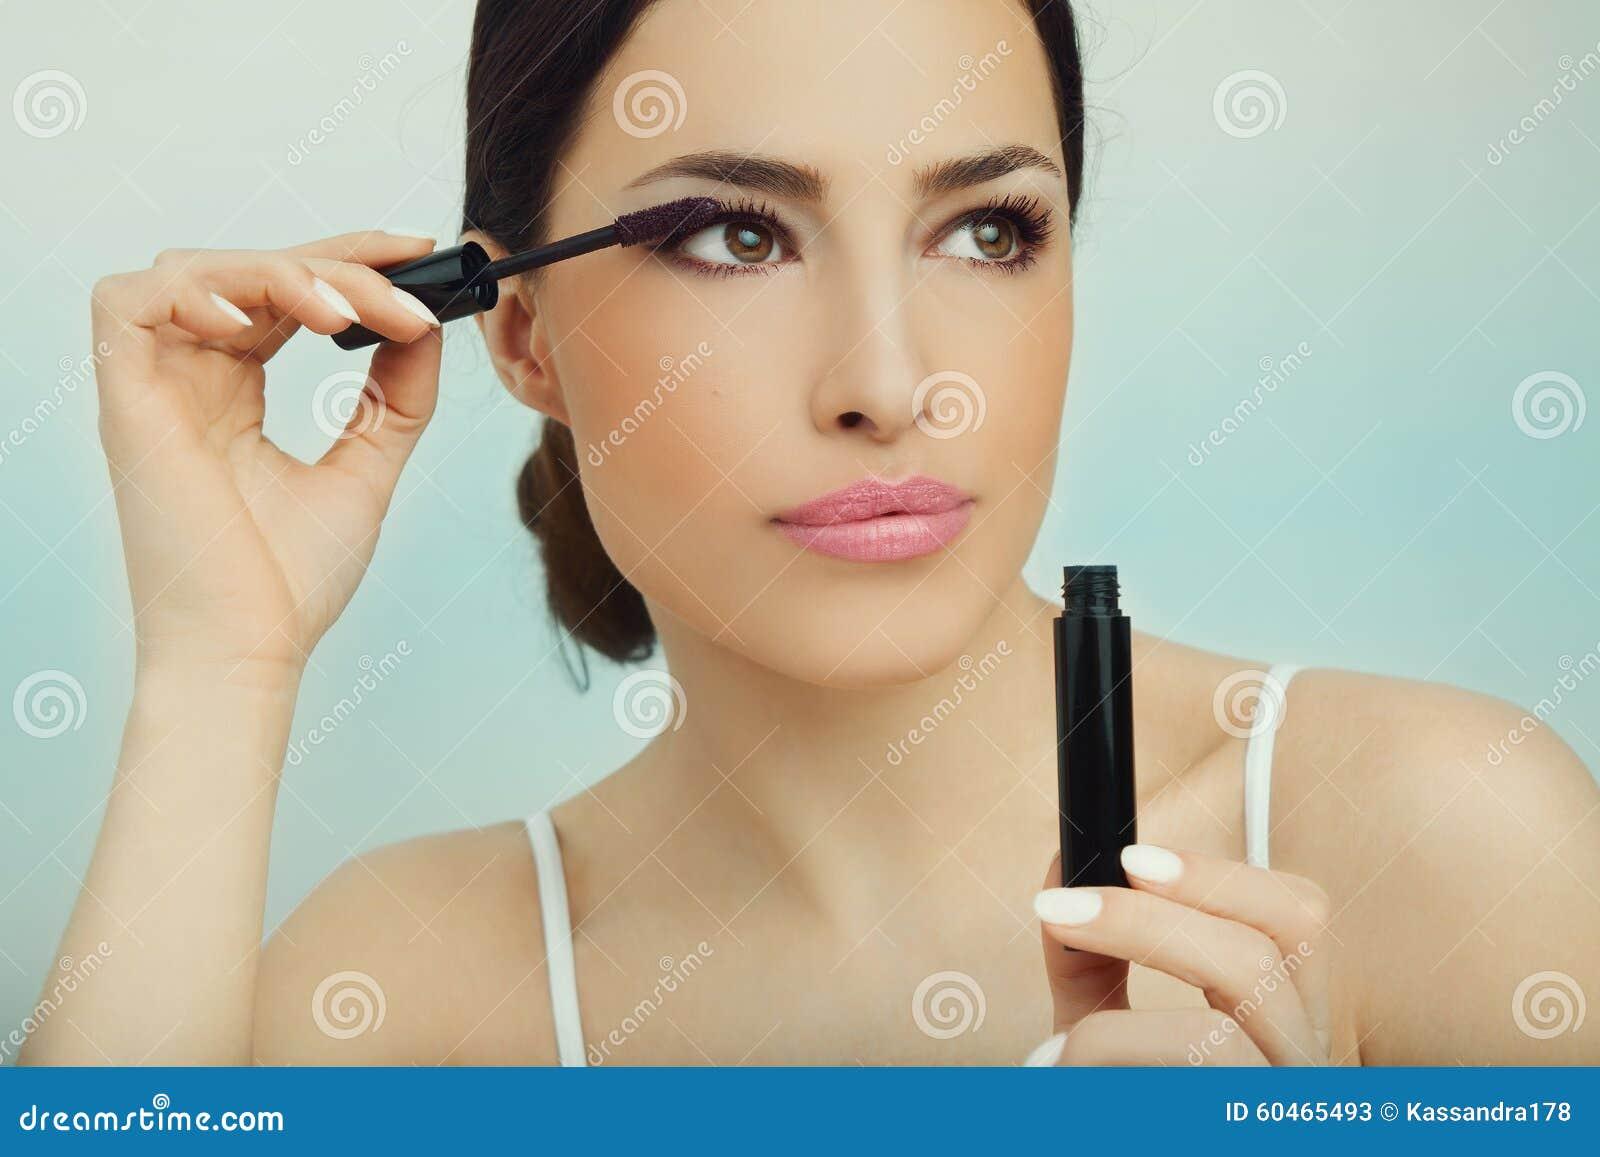 Beauté et maquillage